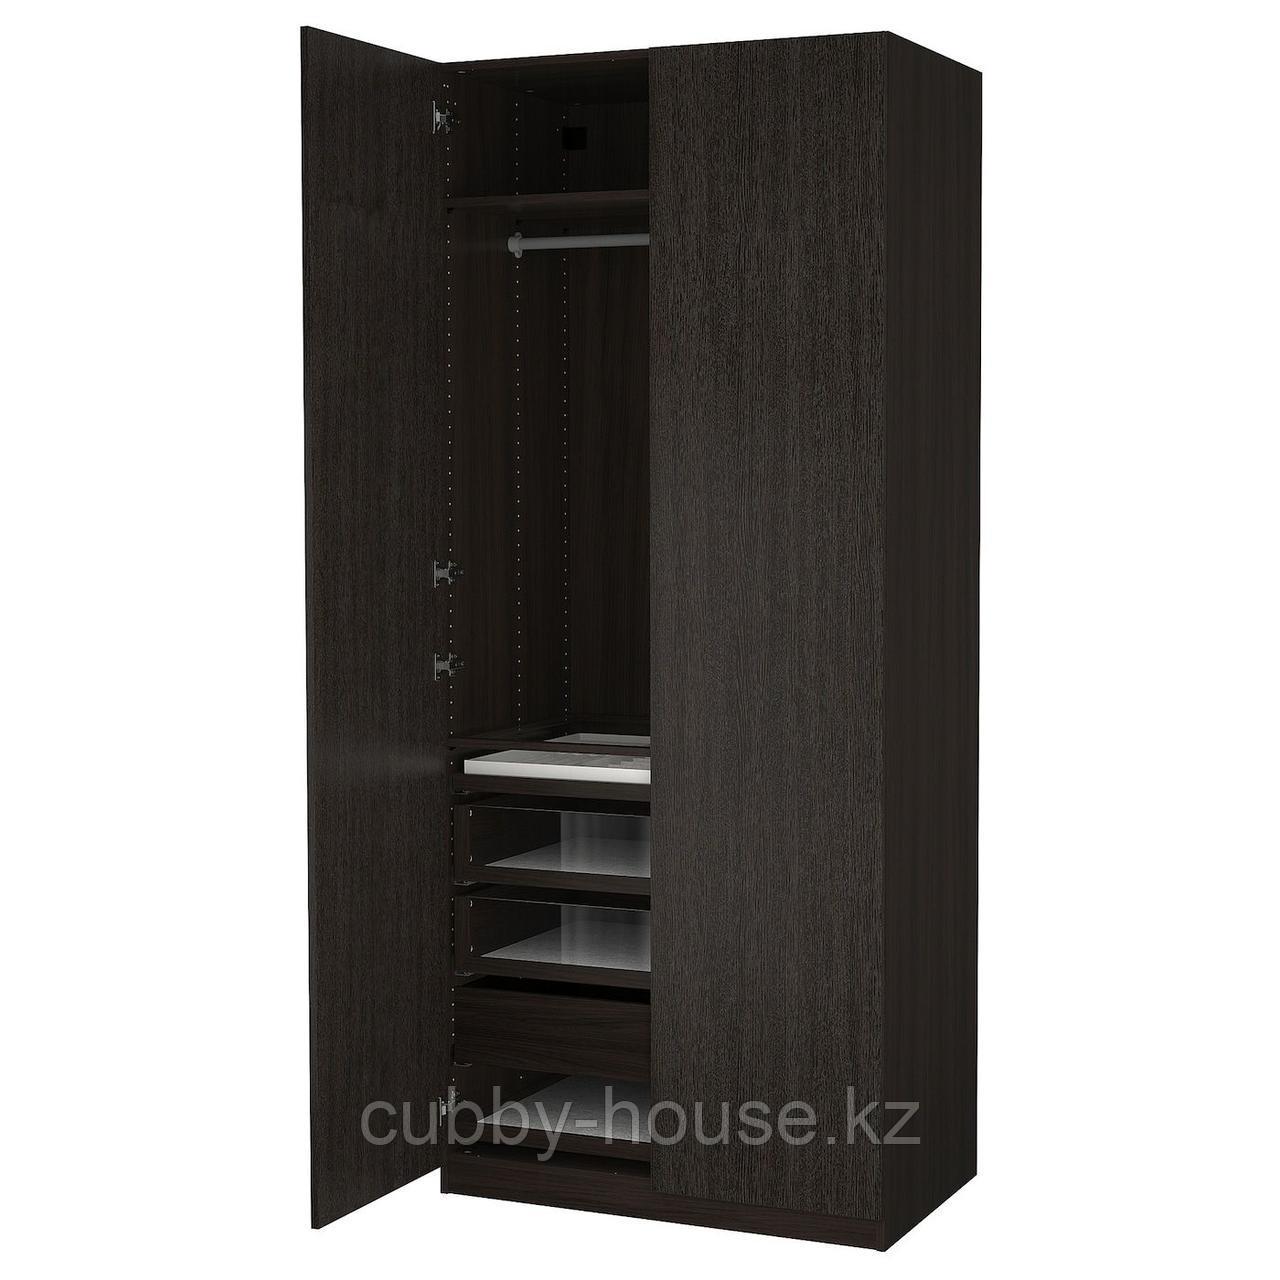 ПАКС / ФОРСАНД Гардероб, комбинация, черно-коричневый, под мореный ясень, черно-коричневый, 100x60x236 см